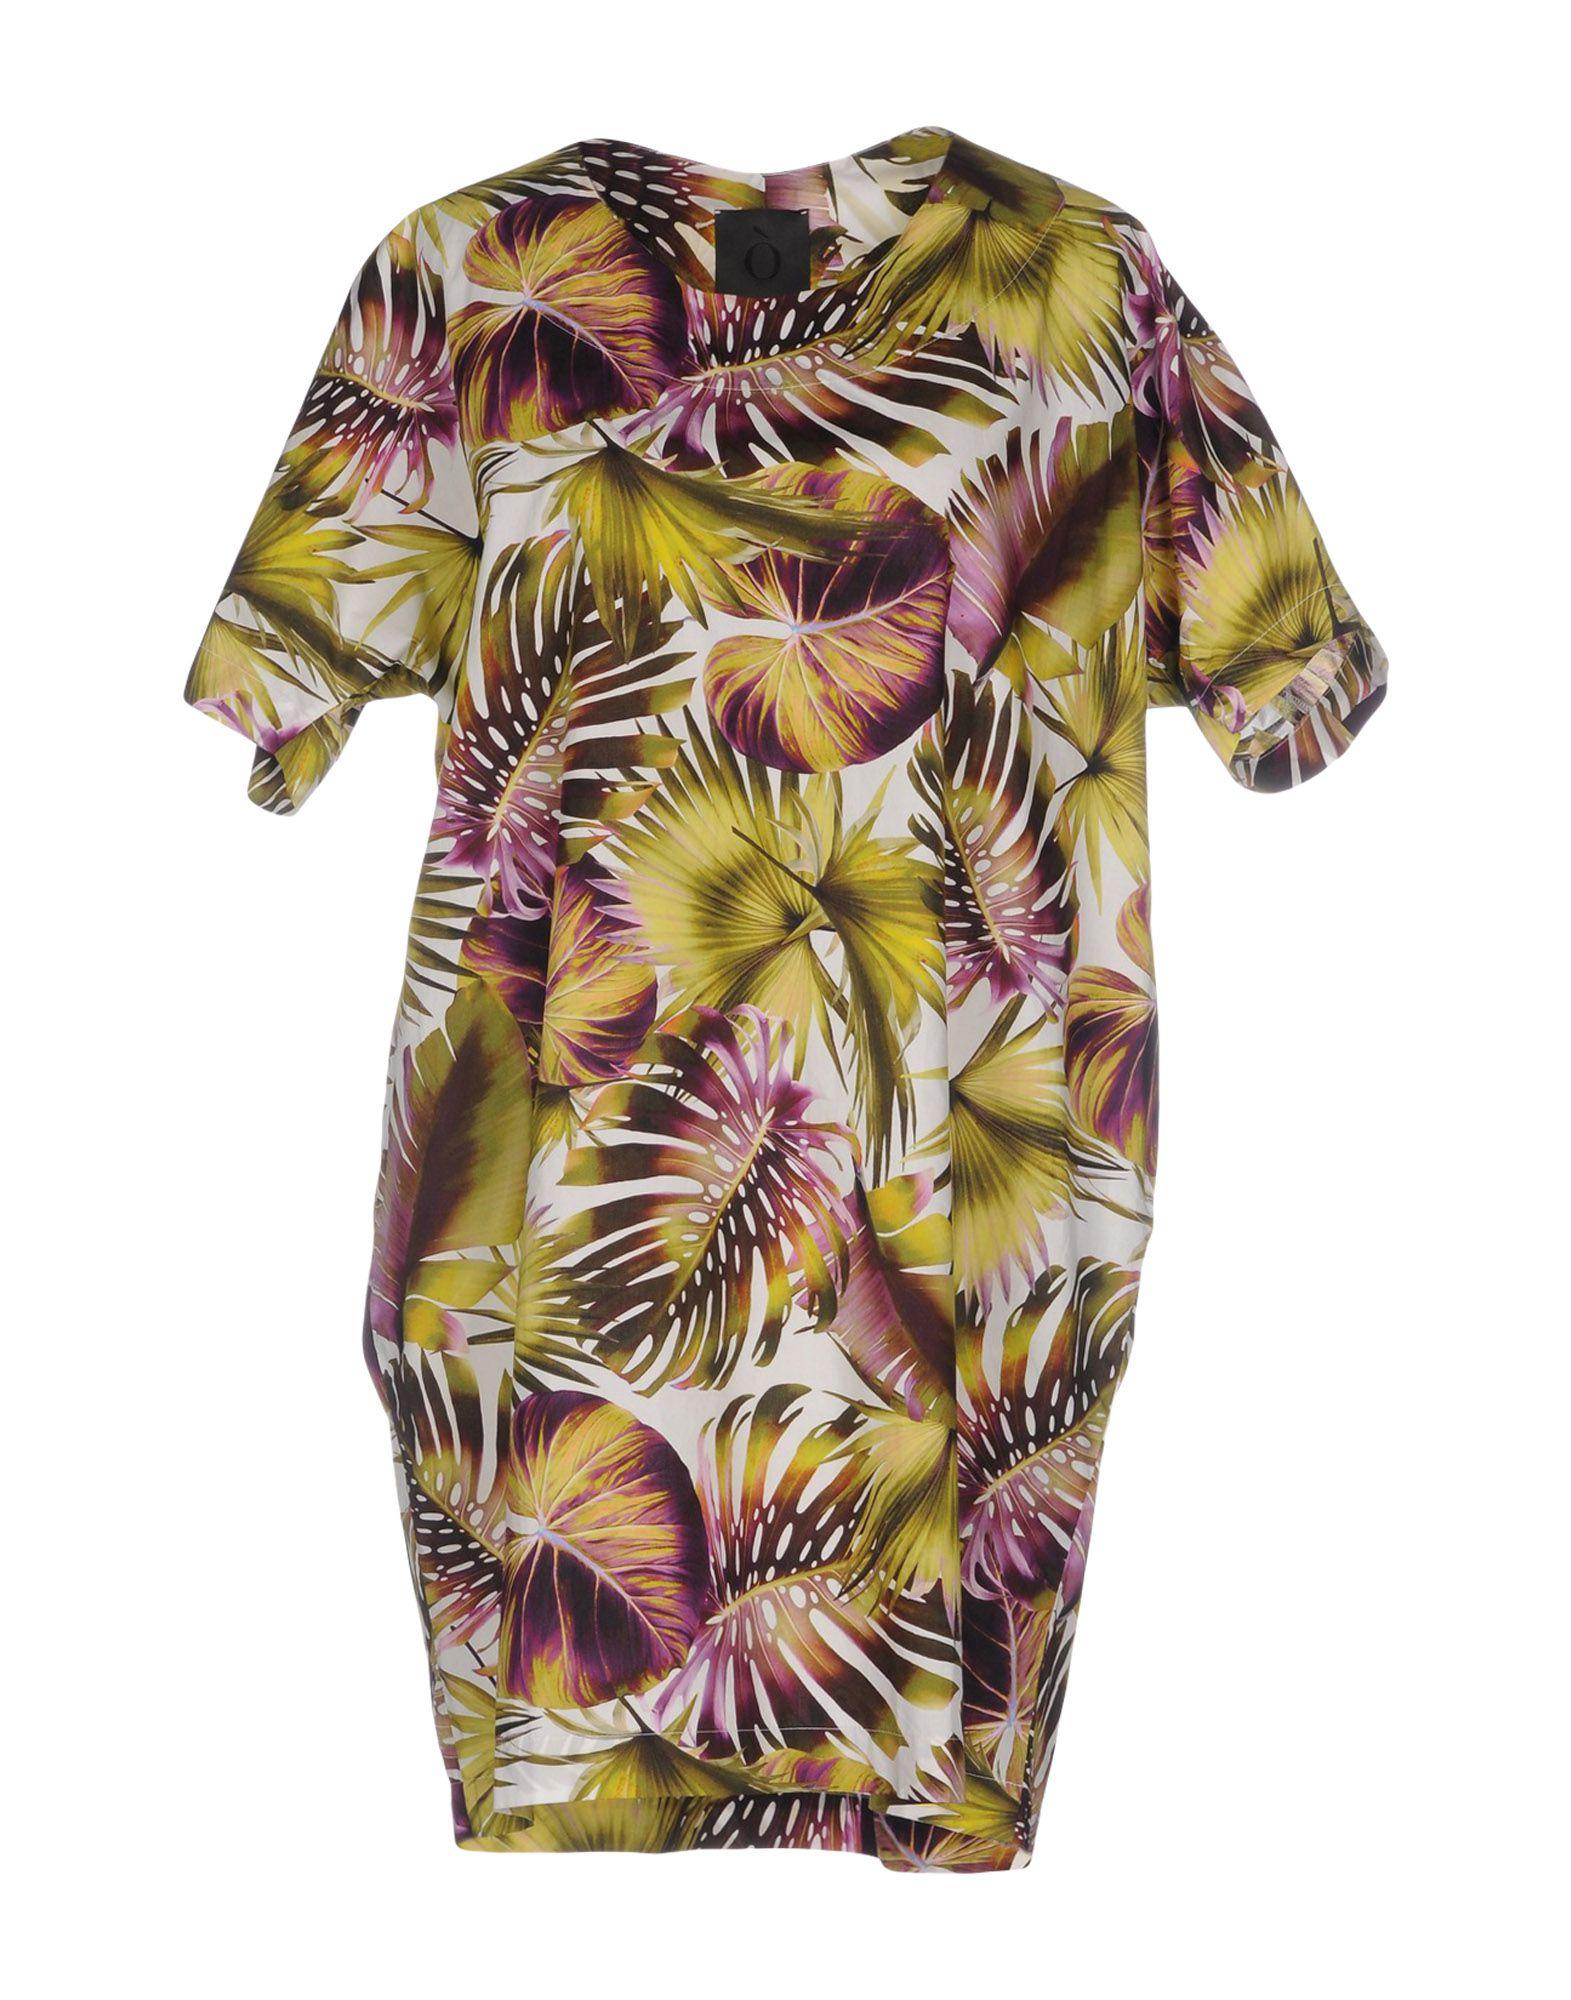 OBLÒ® UNIQUE Короткое платье декоративный элемент астра 30 х 27 мм 4 шт